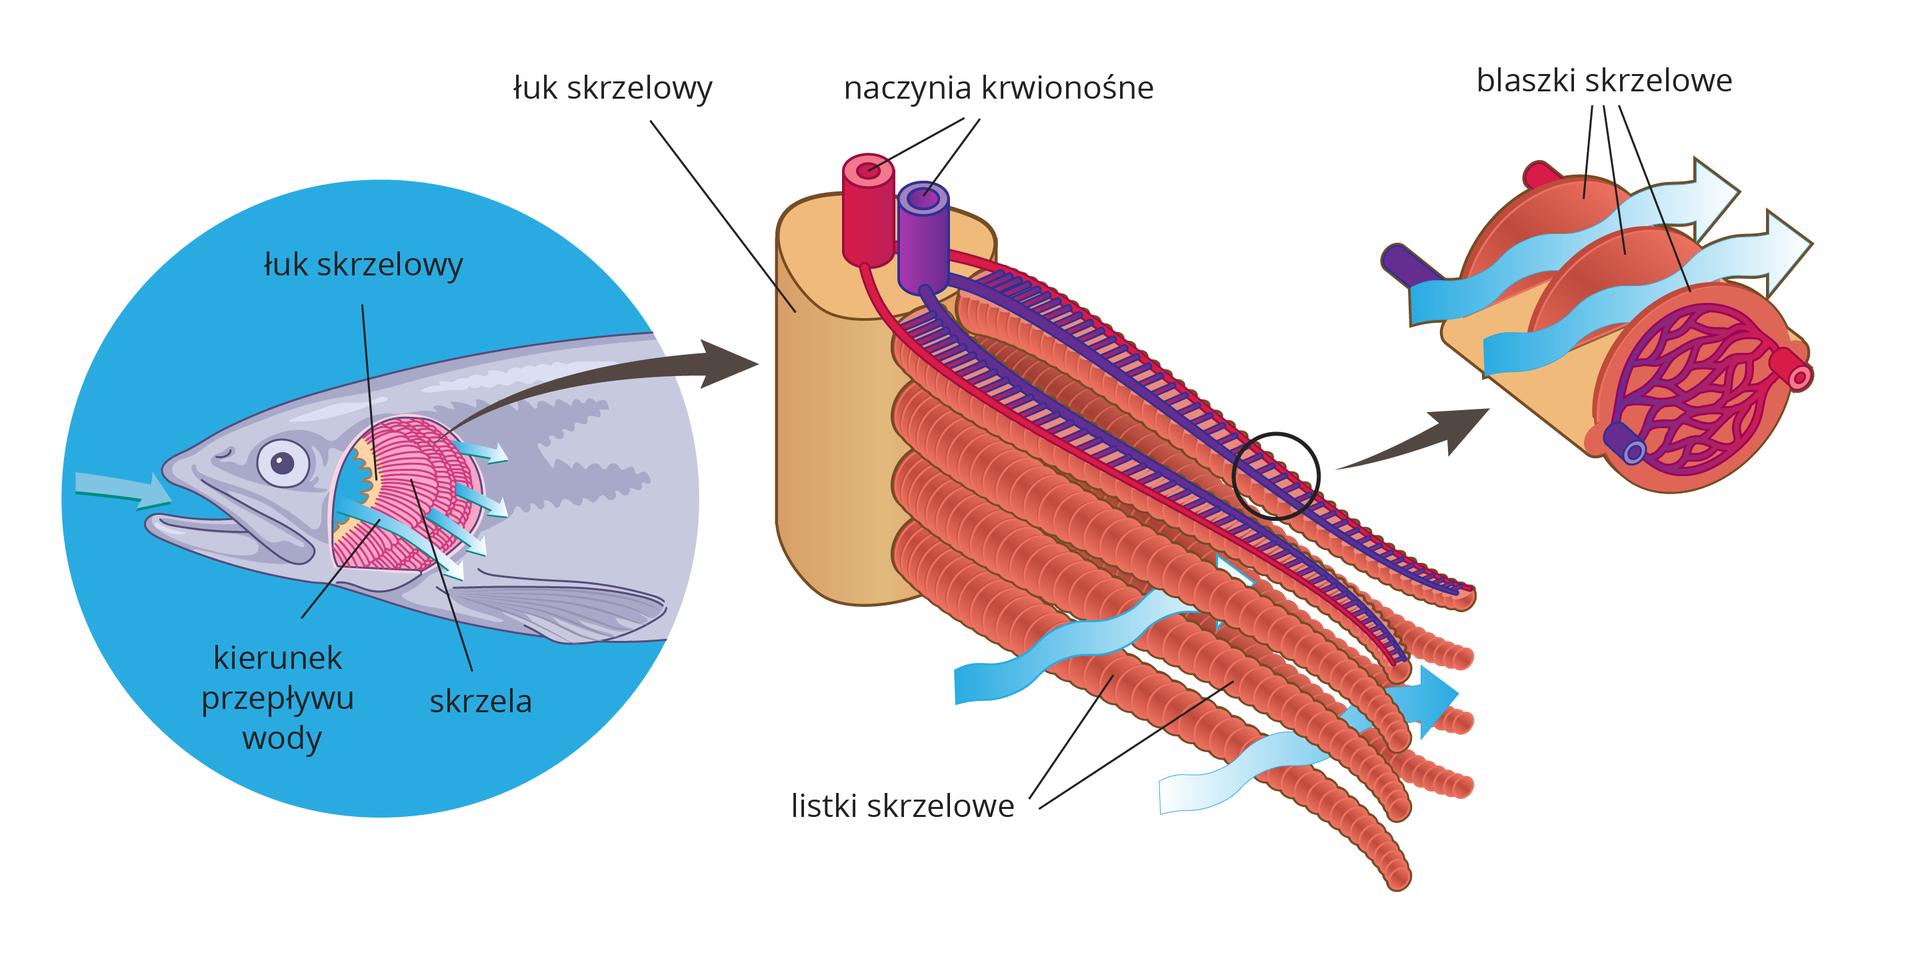 Ilustracja przedstawia kolejne powiększenia, obrazujące proces wymiany gazowej skrzelach. Zlewej na błękitnym kolistym tle szara głowa ryby zotwartym pyskiem izdjętymi pokrywami skrzelowymi. Na łuku skrzelowym wrysowano różowe, półkoliste skrzela wtrzech rzędach. Jasne strzałki wskazują kierunek przepływu wody: zpyska na zewnątrz przez skrzela. Środkowy rysunek to pionowy beżowy fragment łuku skrzelowego zczterema wałeczkowatymi listkami skrzelowymi. Na górnym wrysowano czerwone ifioletowe naczynia krwionośne, drabinkowo połączone. Niebieskie falowane strzałki obrazują przepływ wody przez skrzela. Ostatni rysunek przedstawia wycinek listka skrzelowego. Walcowata struktura jest podzielona na plasterki – blaszki skrzelowe. Wjednej znich ukazano siateczkę naczyń włosowatych, wktórych zachodzi wymiana gazowa. Symbolizują to kolory naczyń : niebieski, fioletowy iczerwony. Błękitne strzałki obrazują przepływ wody między blaszkami skrzelowymi.